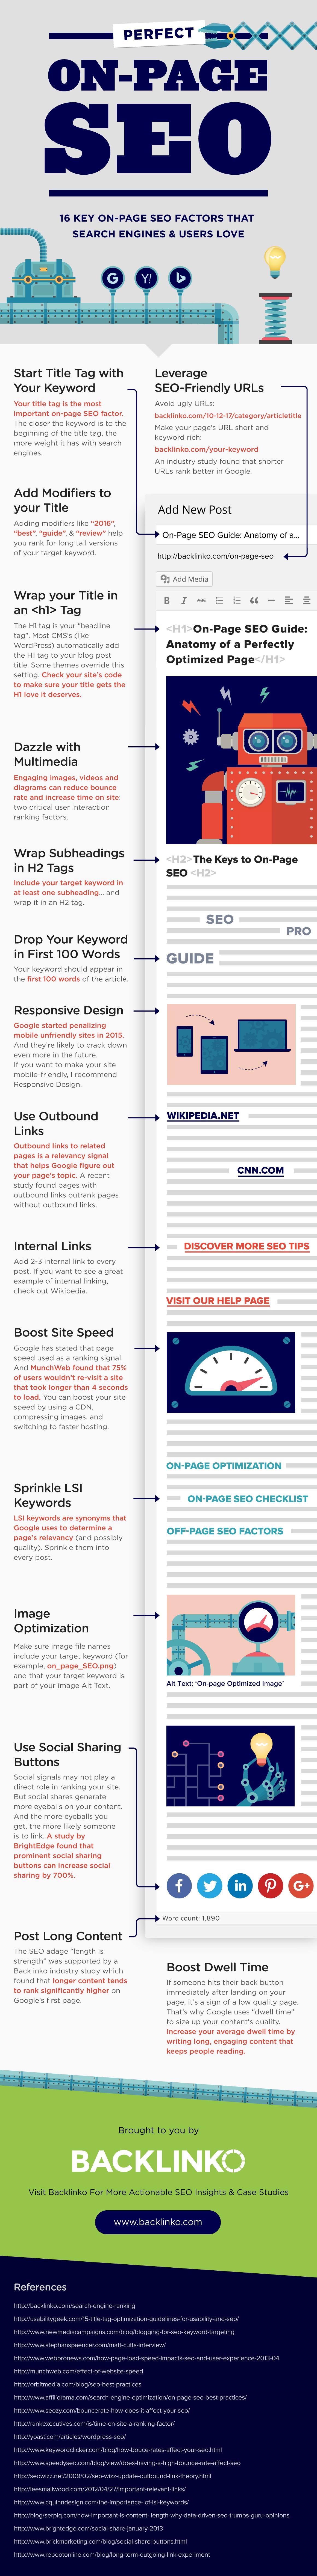 Infographic 16 yếu tố trong onpage yêu thích cho công cụ tìm kiếm và người dùng